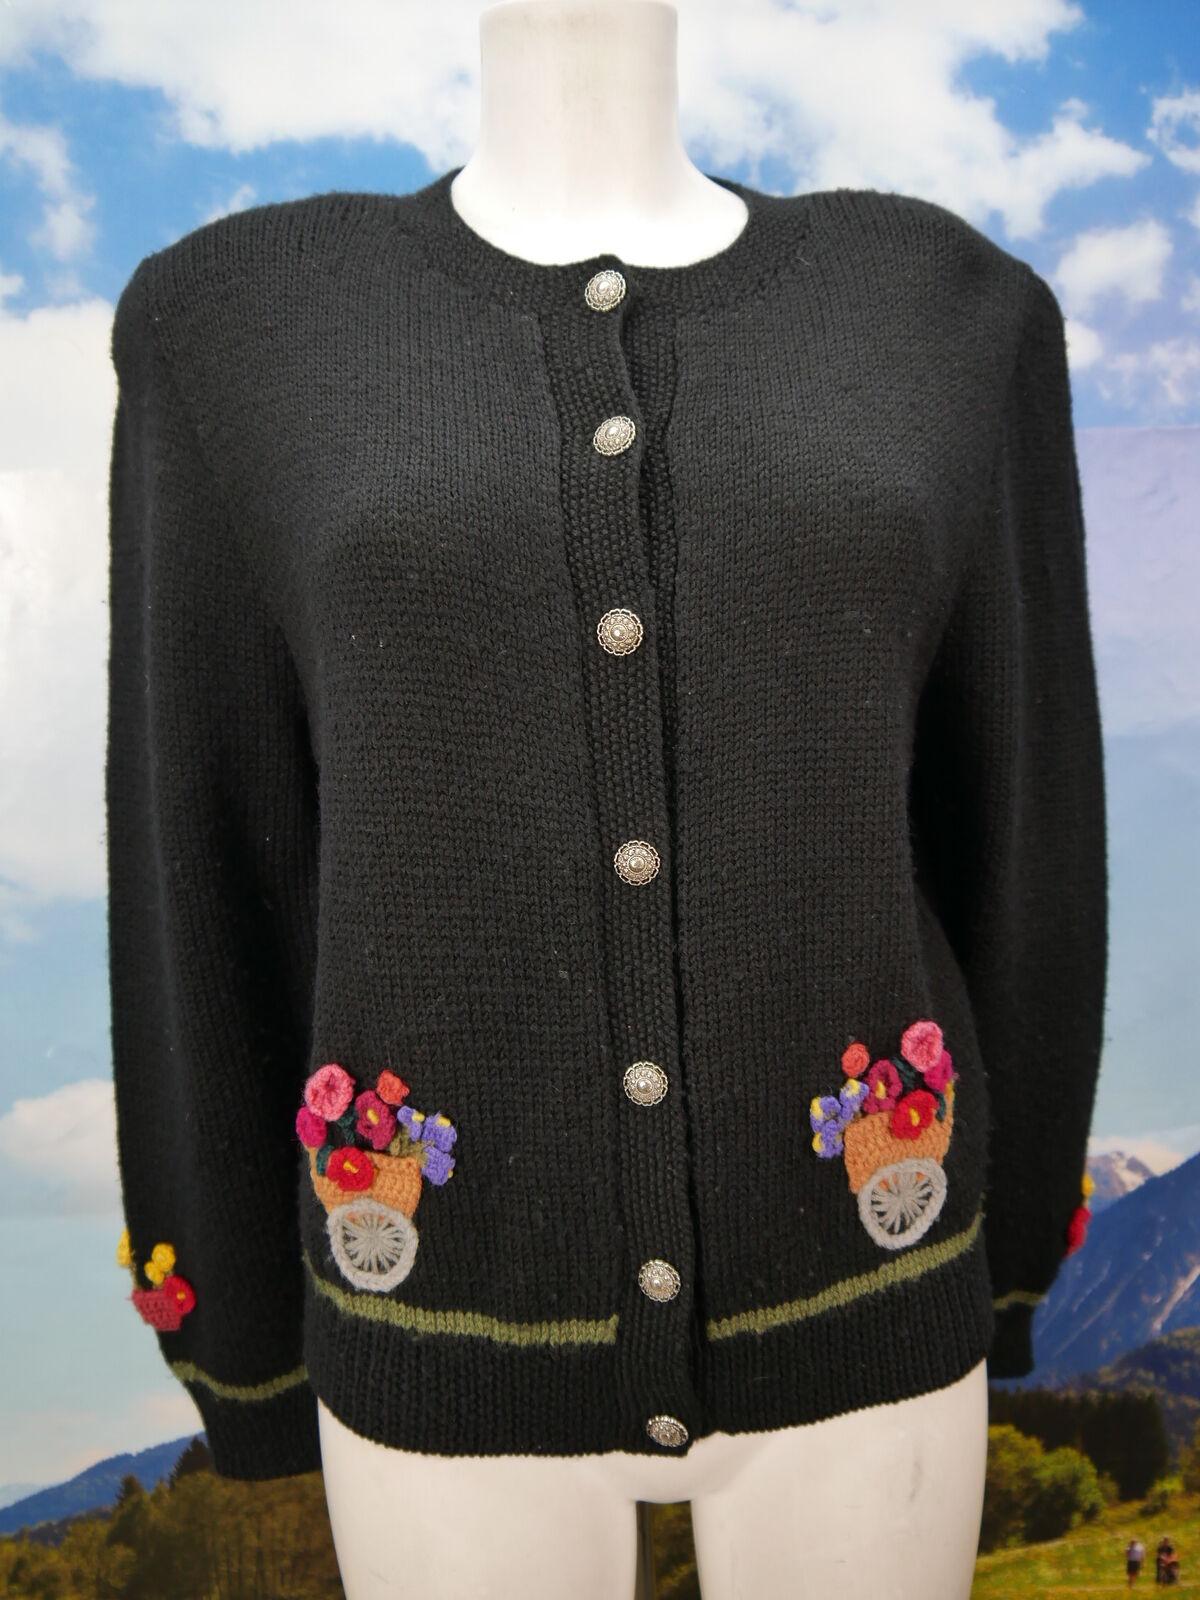 b4522dada0219c Exclusive Handarbeit viel Besatz schwarz Jacke Gr.40 Strickjacke  Trachtenjacke npftus1777-neue Kleidung